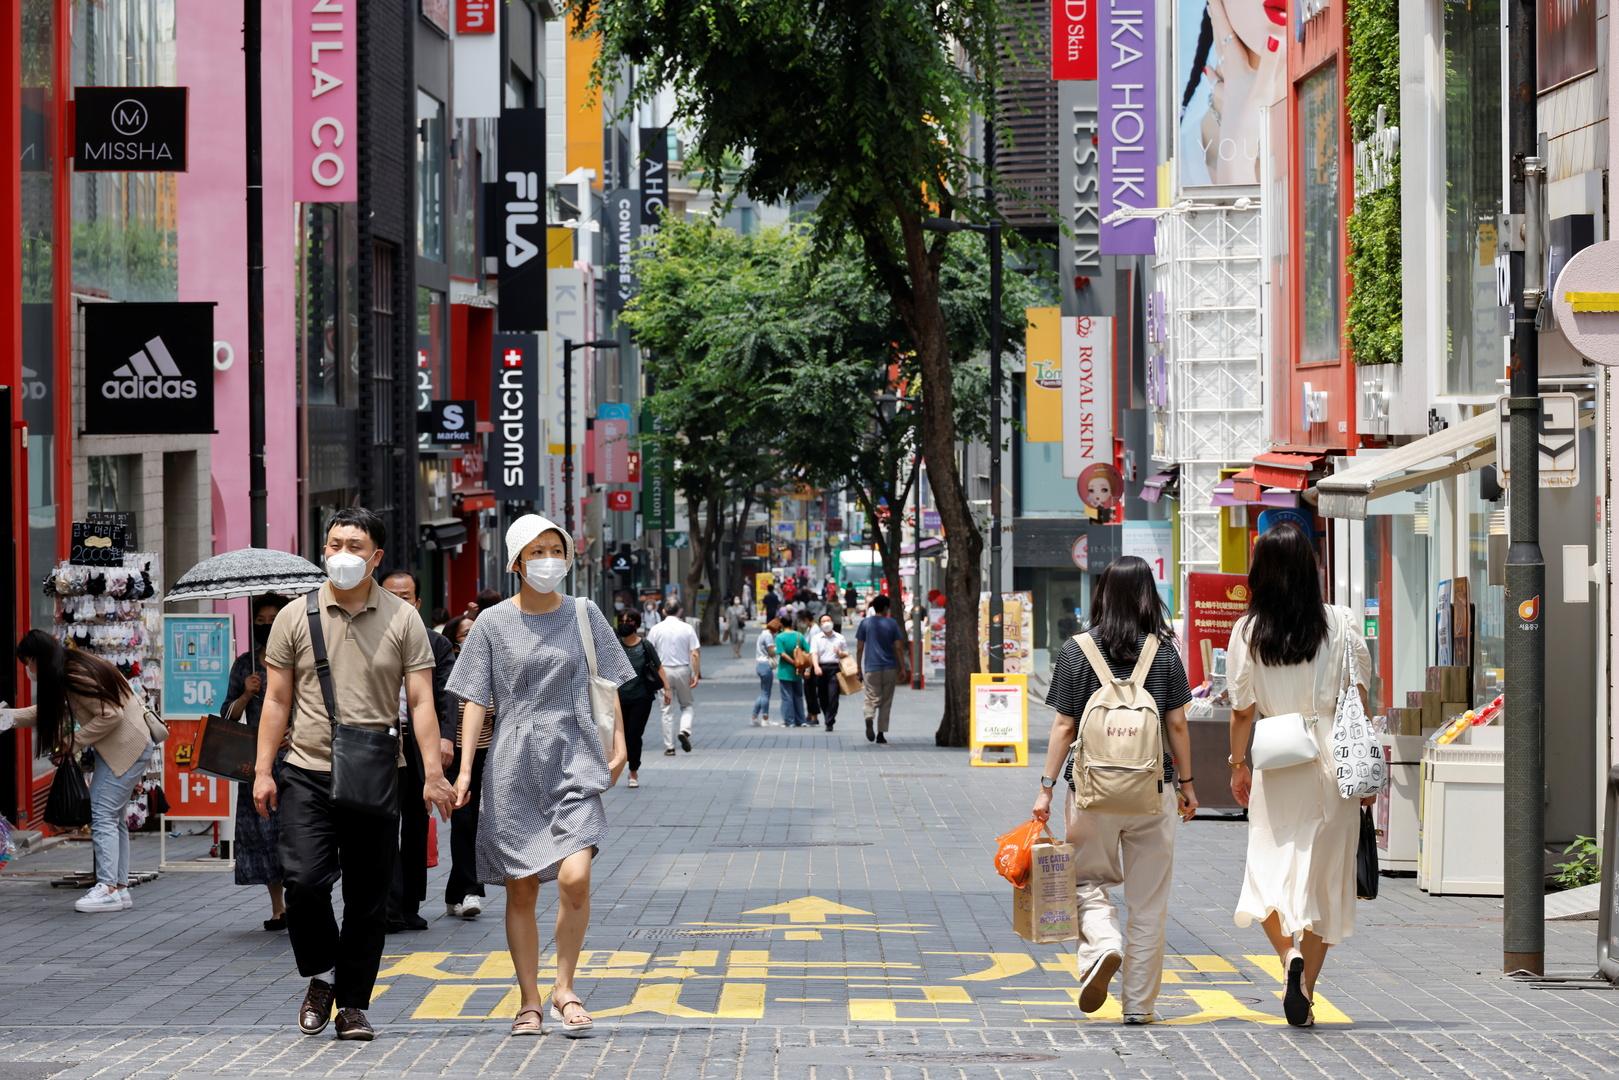 كوريا الجنوبية تسجل أعلى زيادة يومية لحالات كورونا